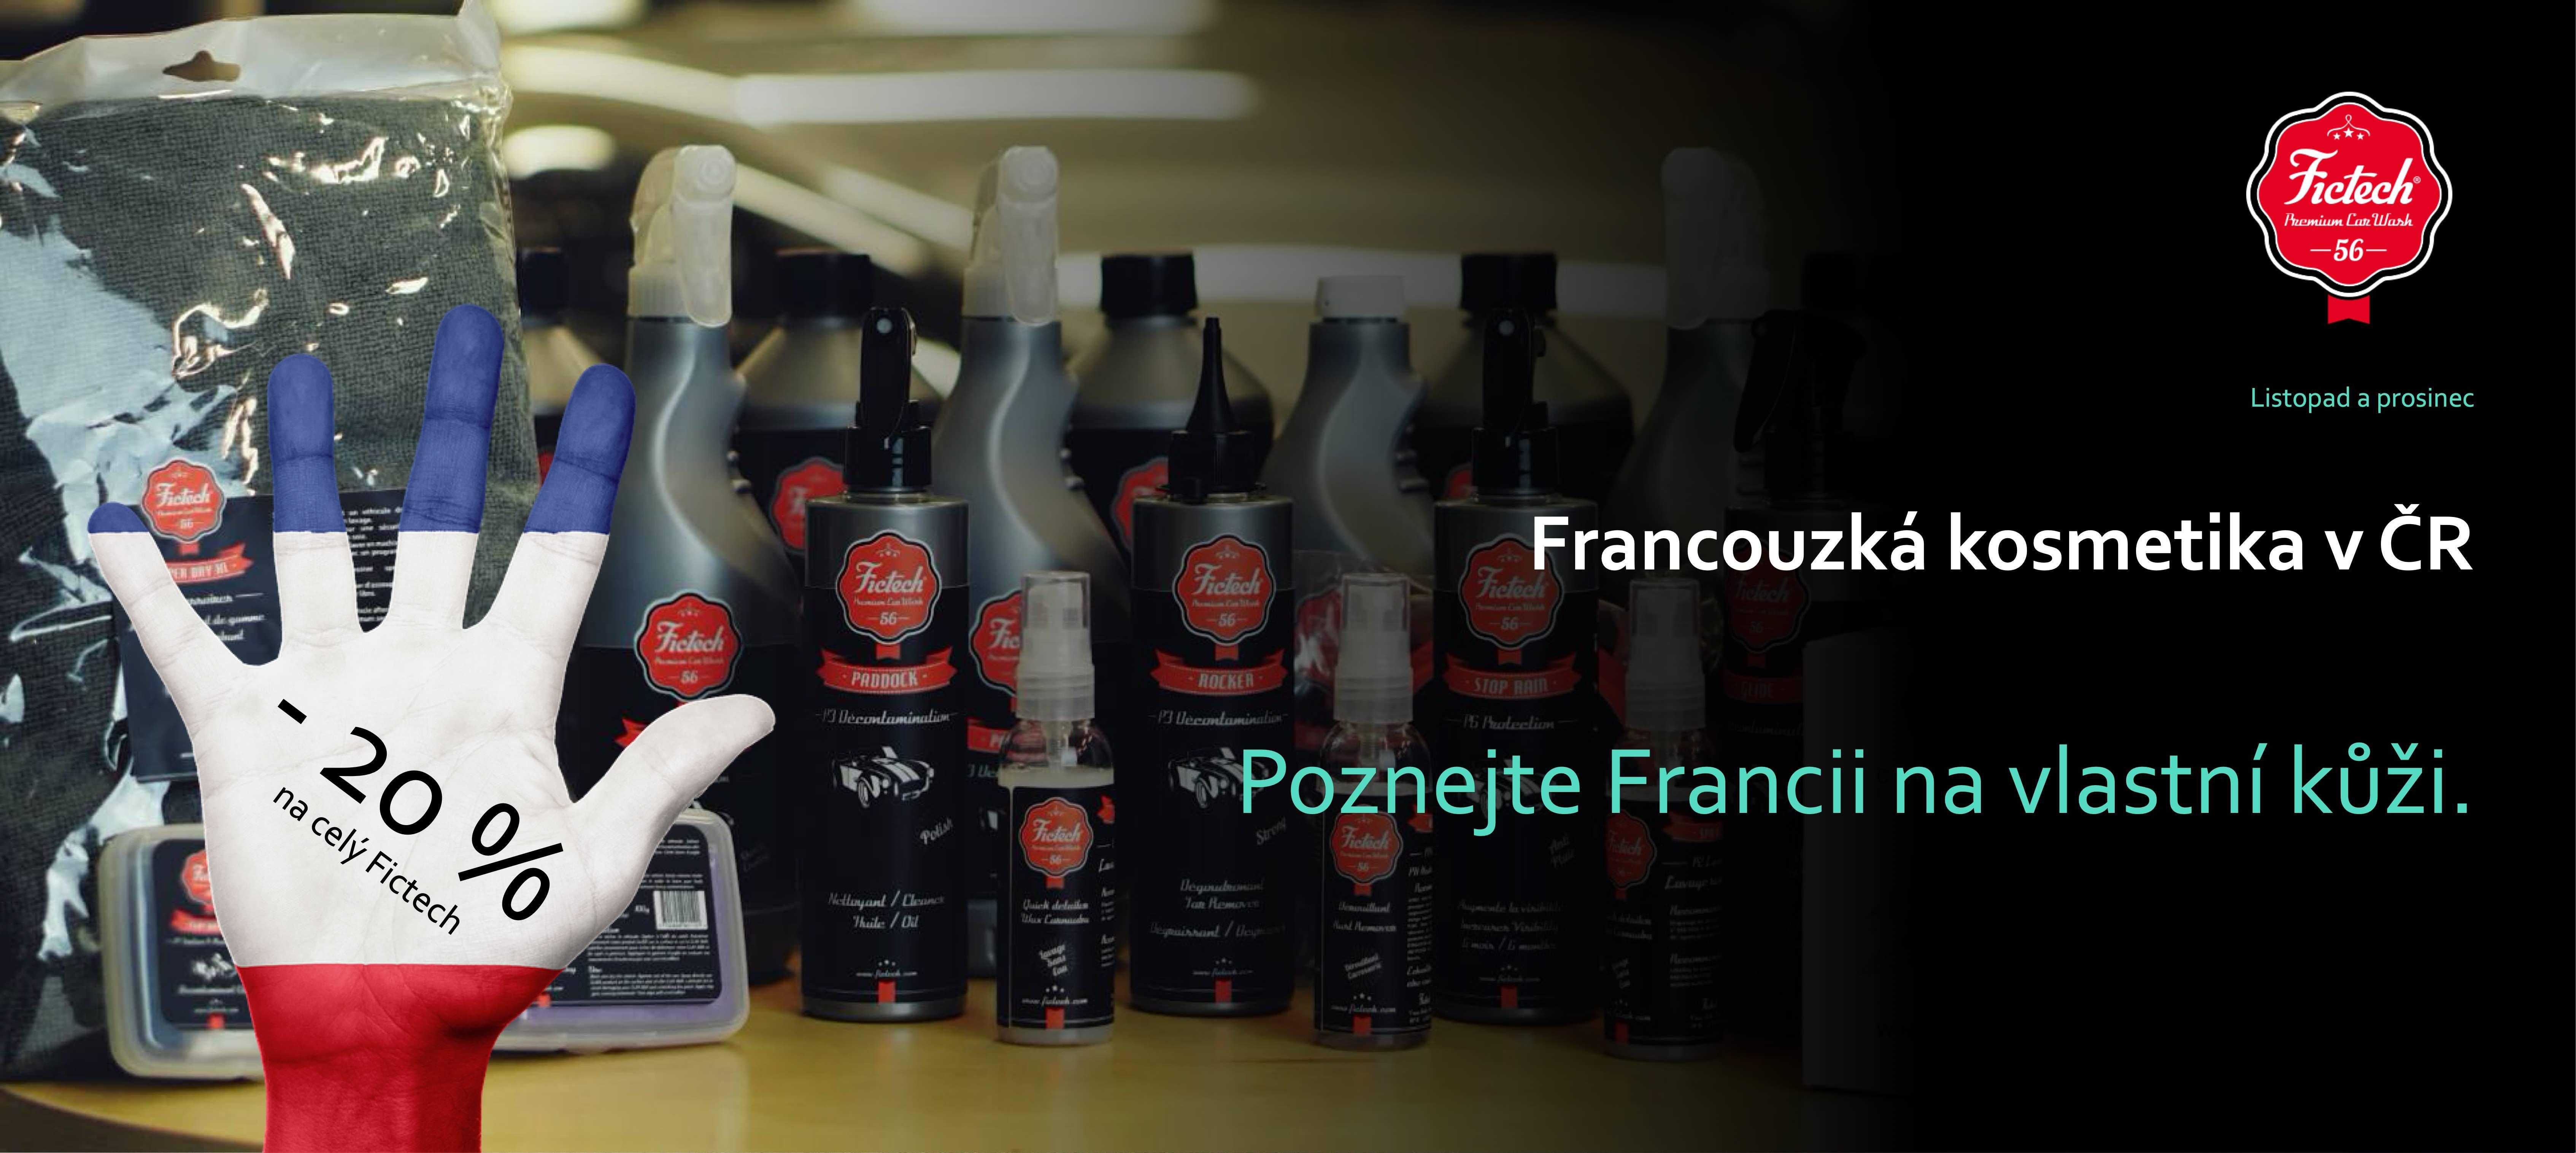 Autkomosmetika Fictech - pro profesionály i hobby uživatele